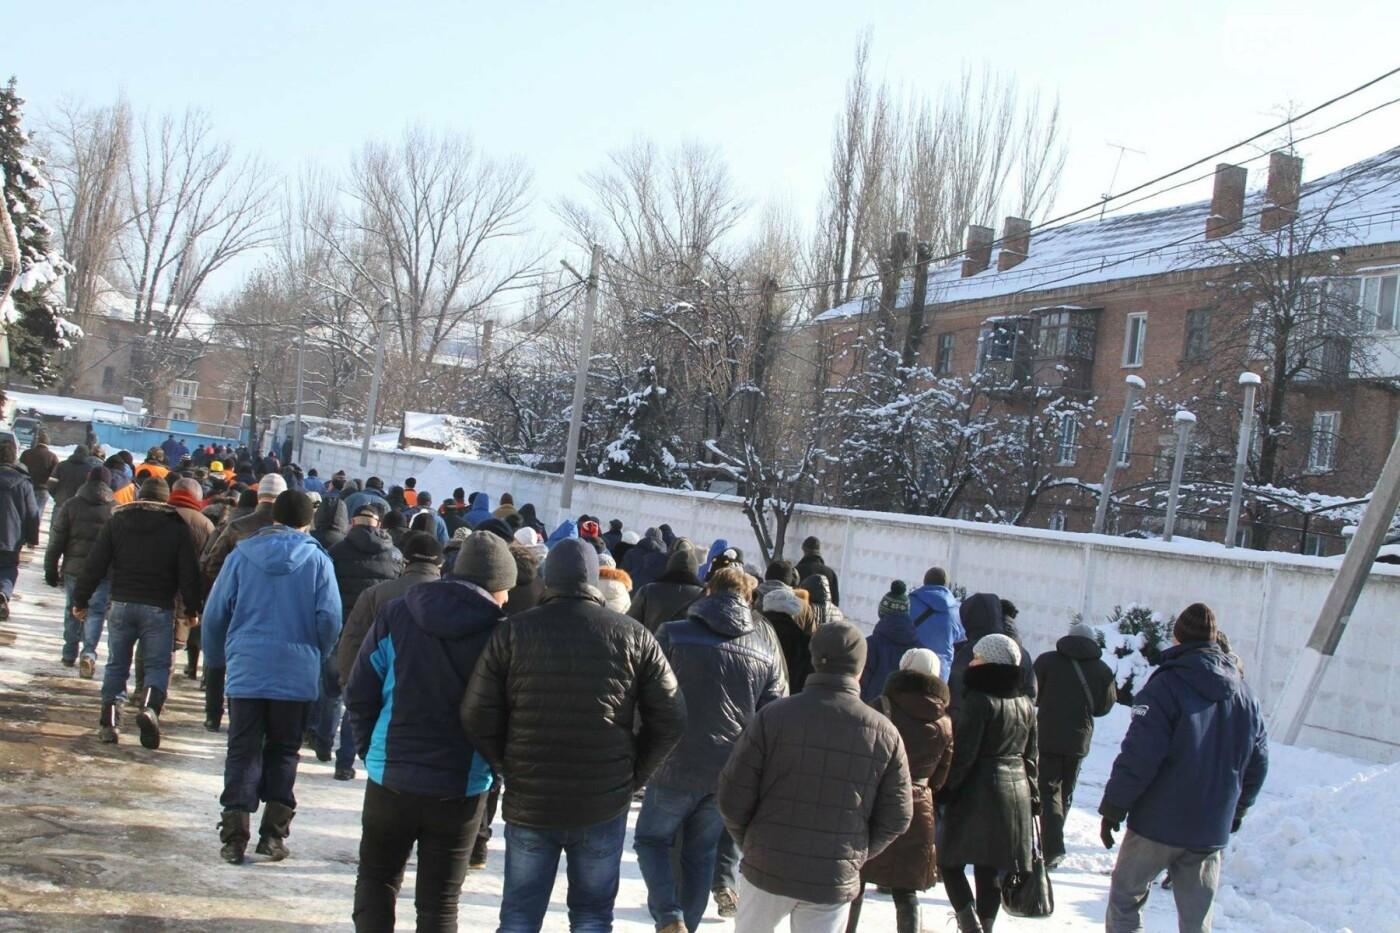 В Кривом Роге сотрудники КПВС митингуют, опасаясь, что город останется без воды  (ФОТО, ВИДЕО), фото-20